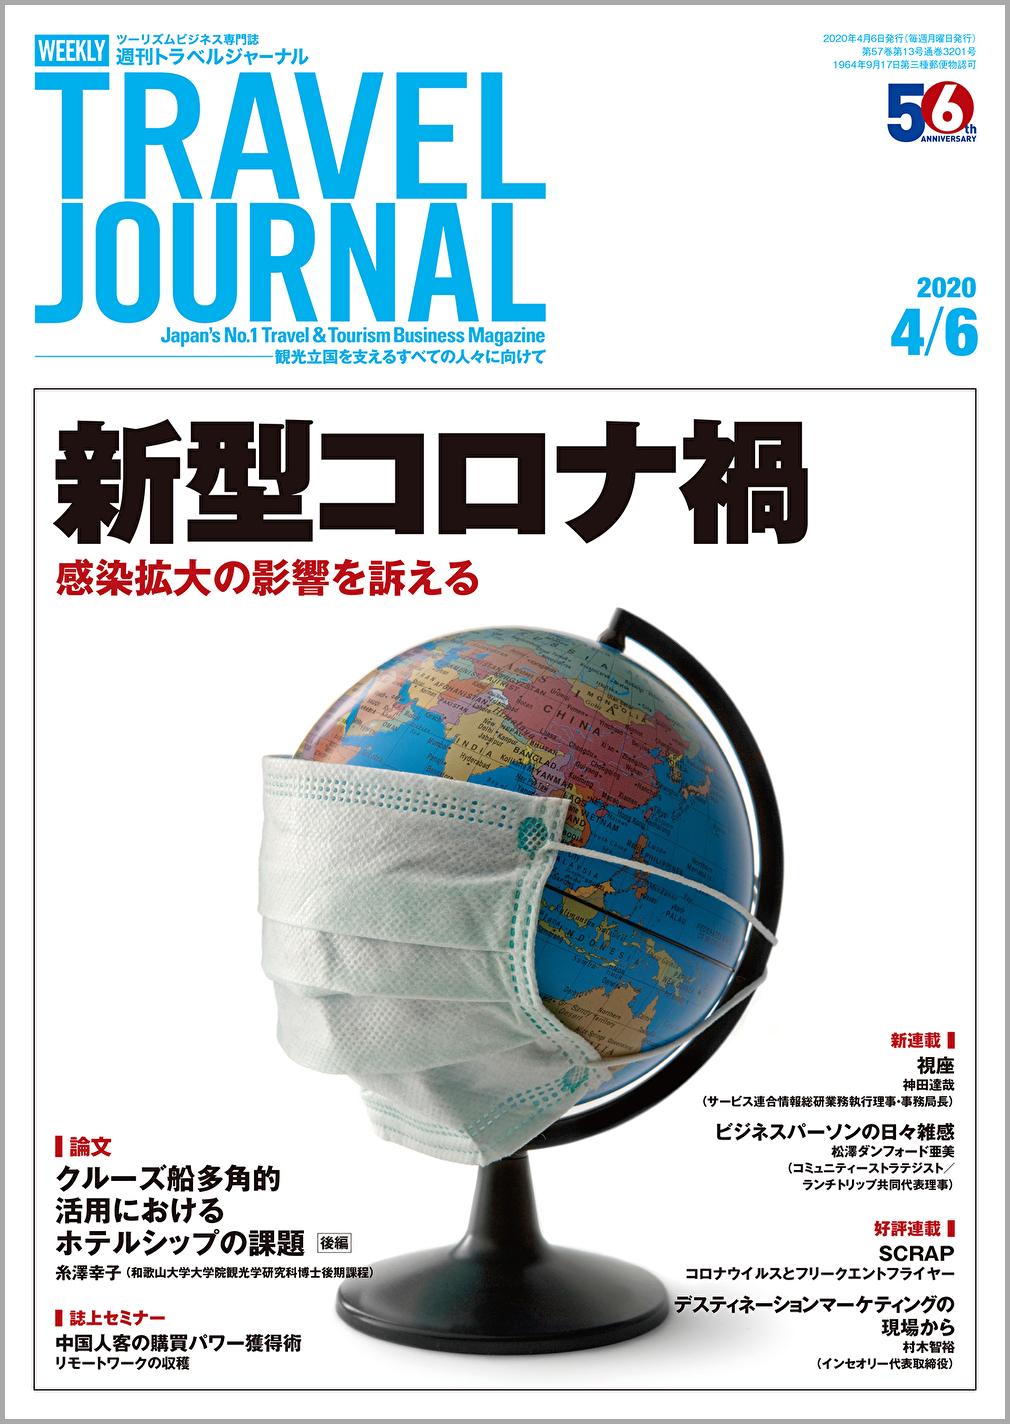 2020年4月6日号>新型コロナ禍 感染拡大の影響を訴える